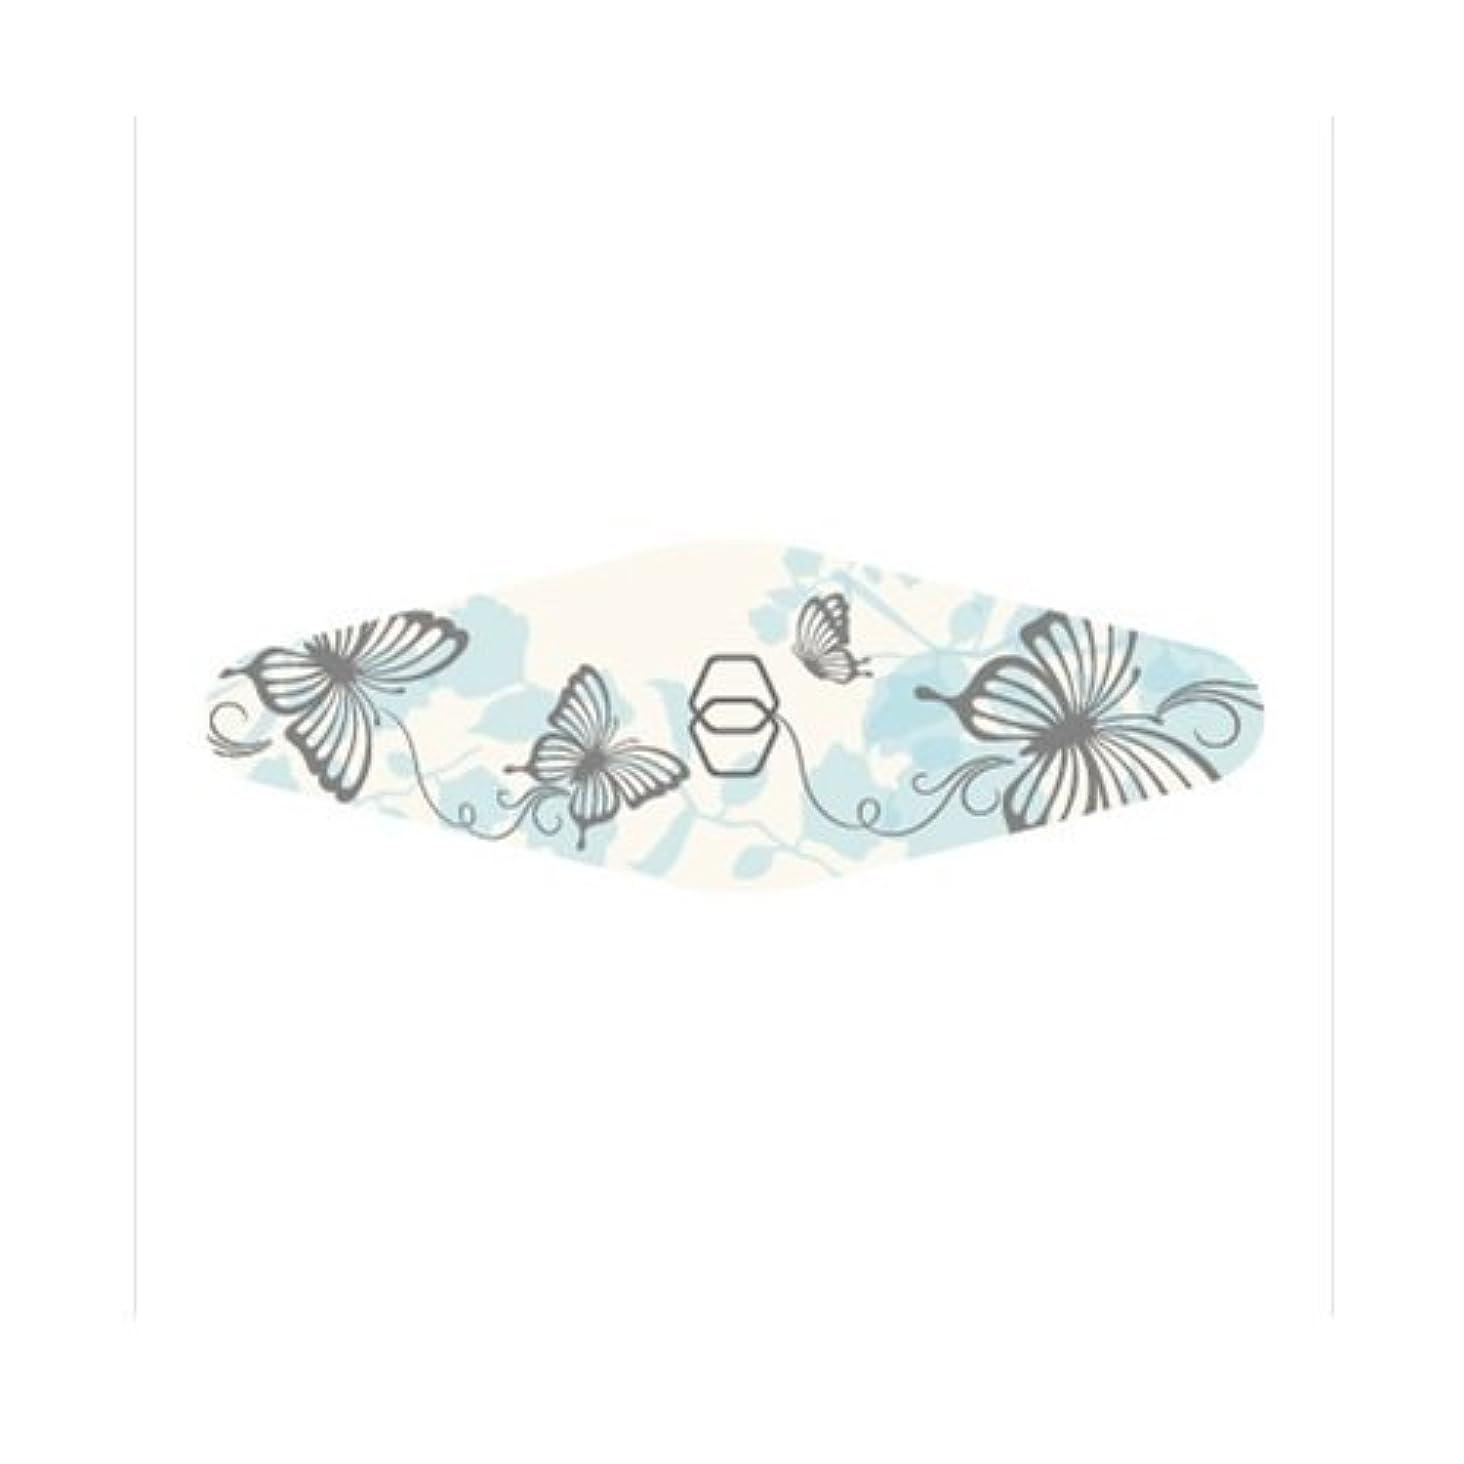 解読するキュービック冷酷なダイヤモンドネイルファイル キャリー ブルー蝶々